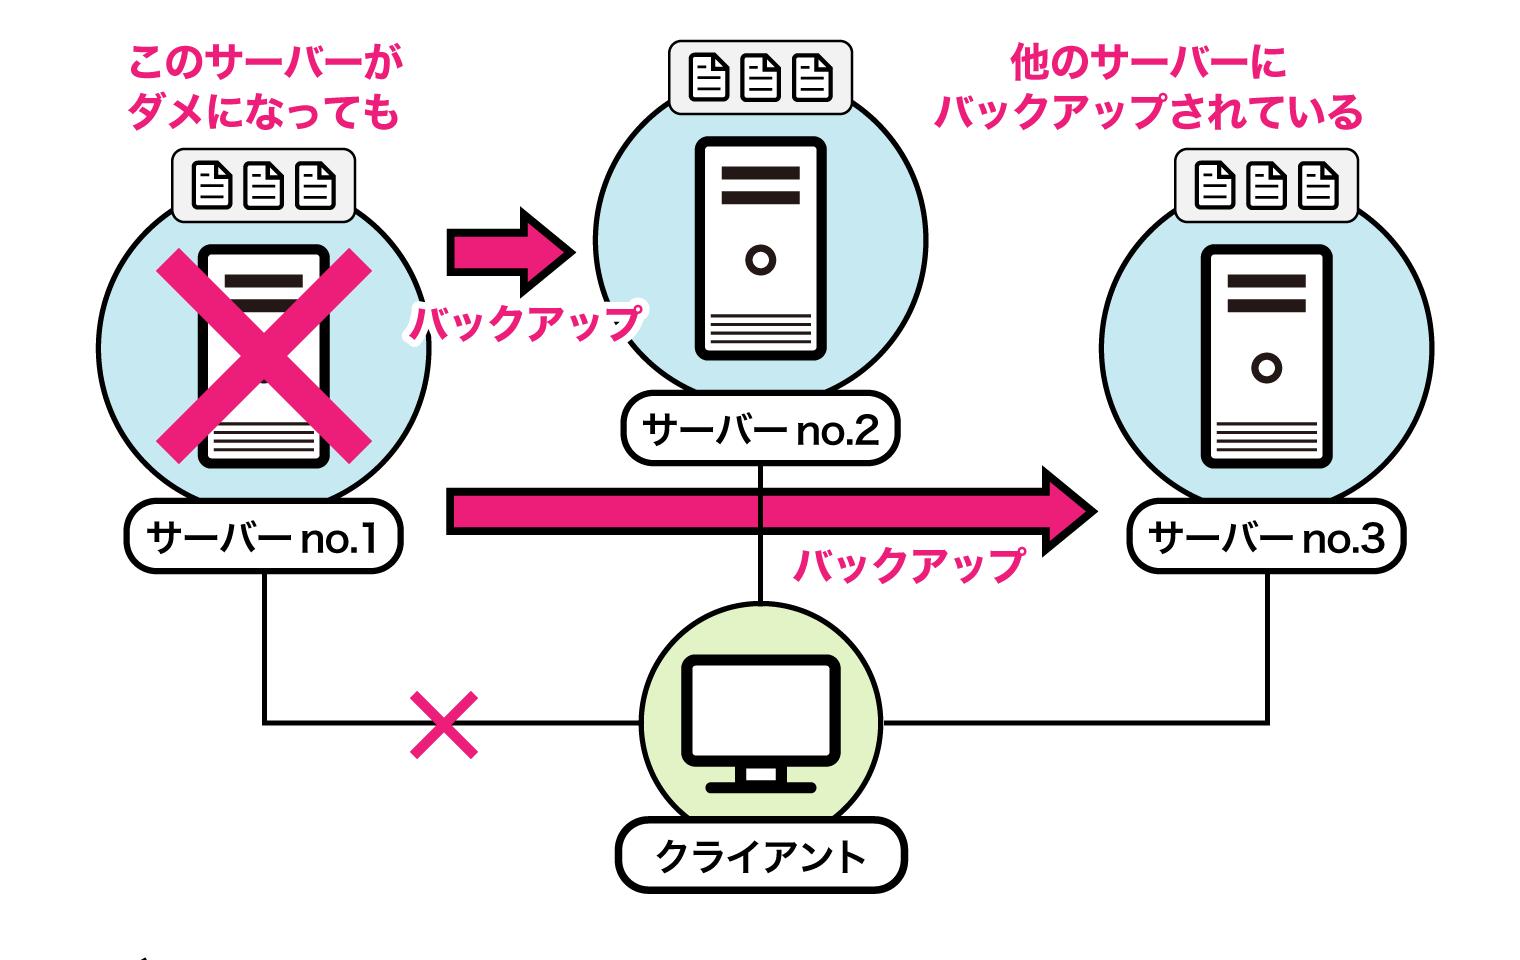 クラウド型電子カルテにおける「バックアップ」の仕組み